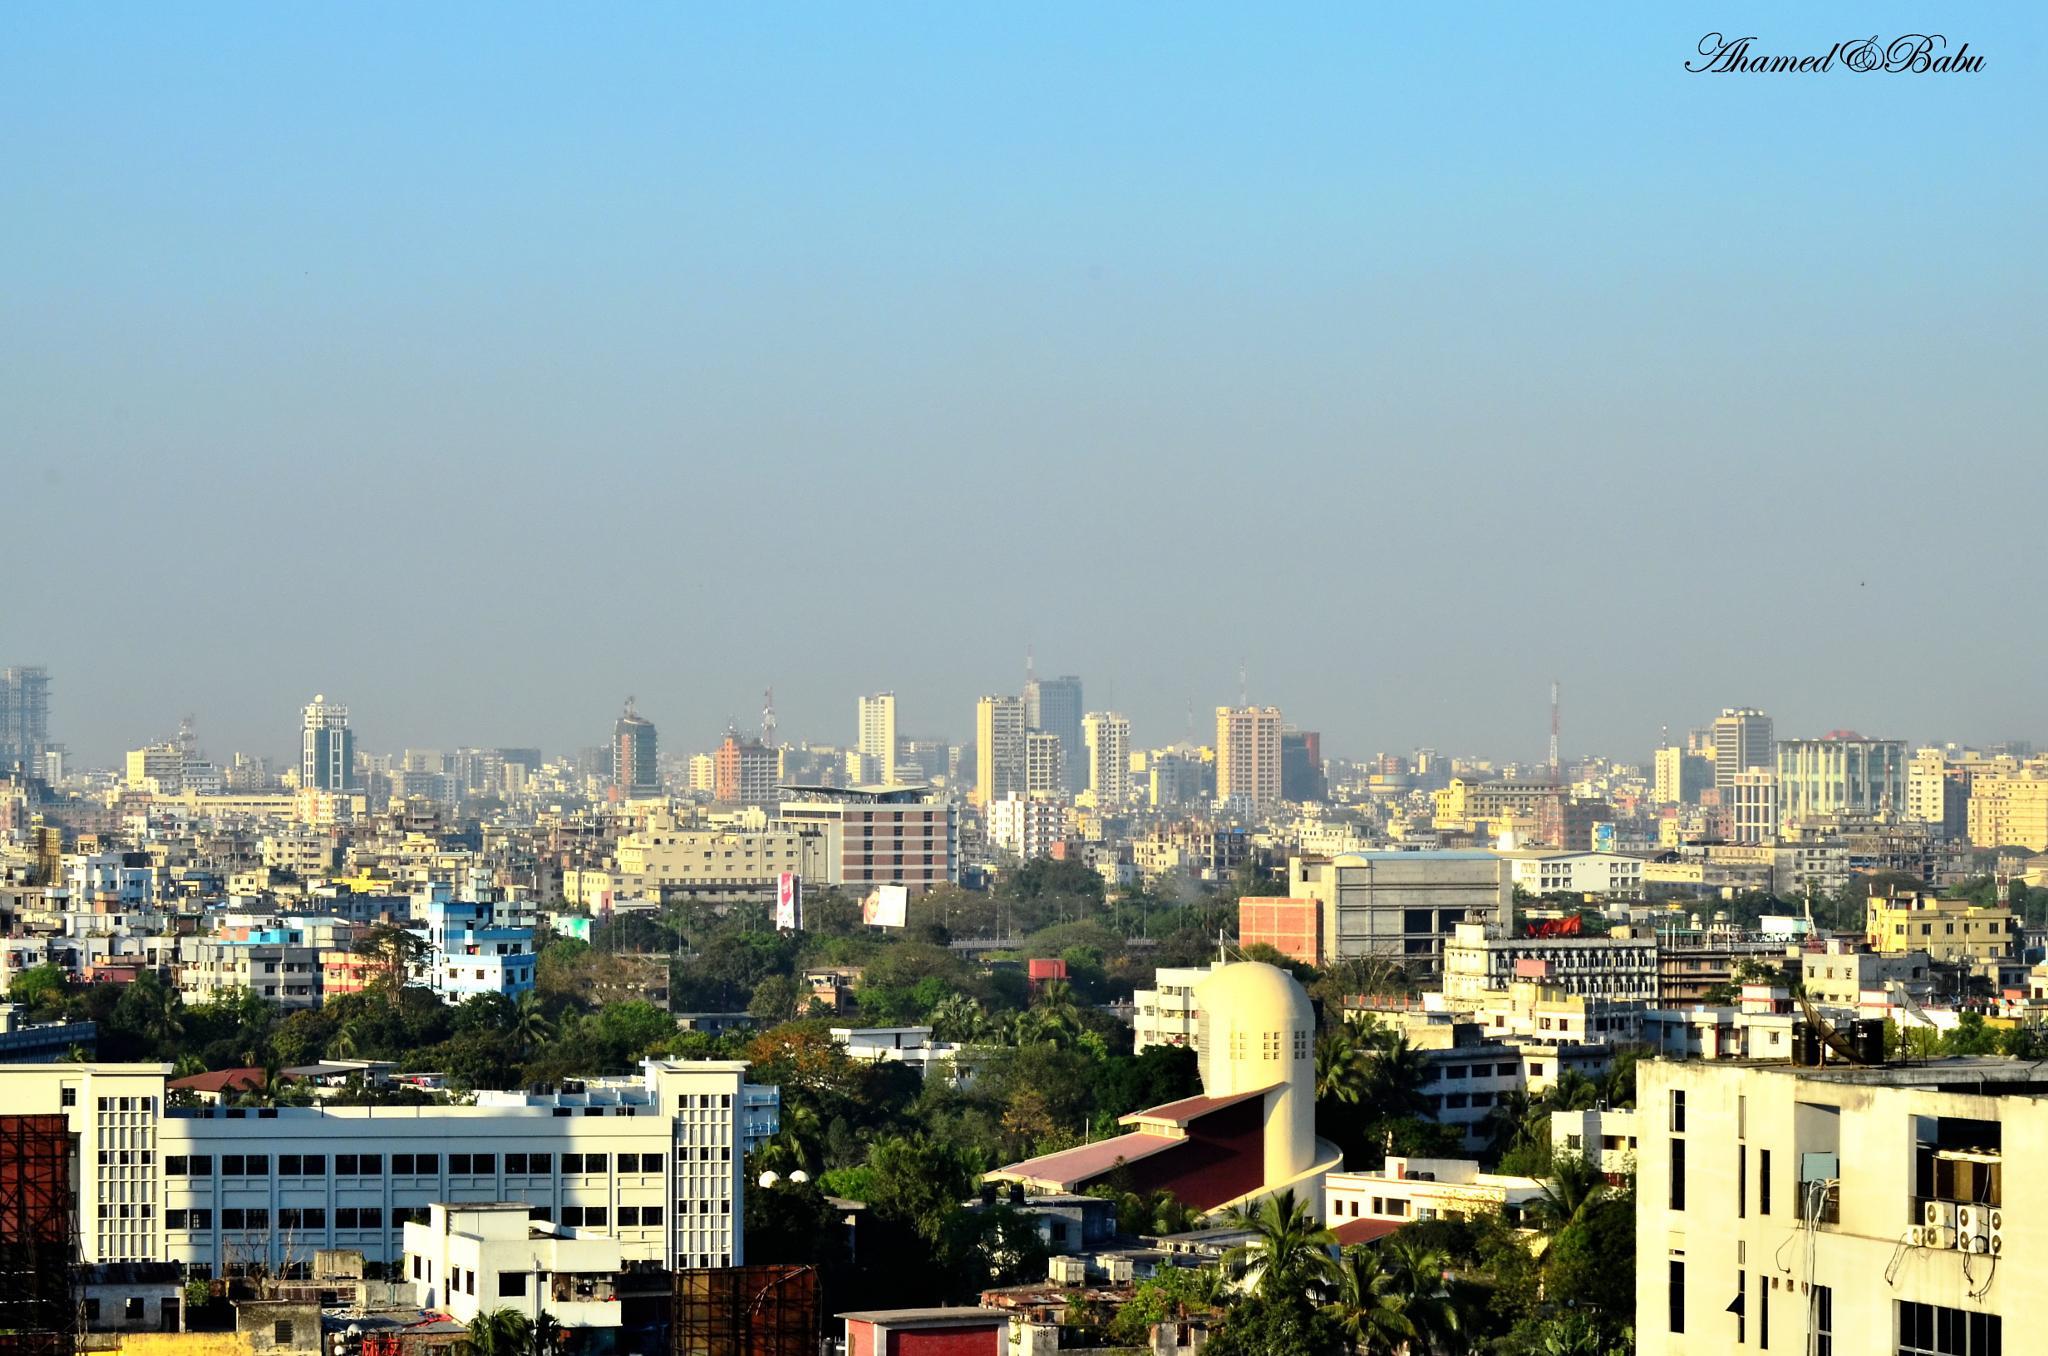 Dhaka The splendid... by Ahamed Babu